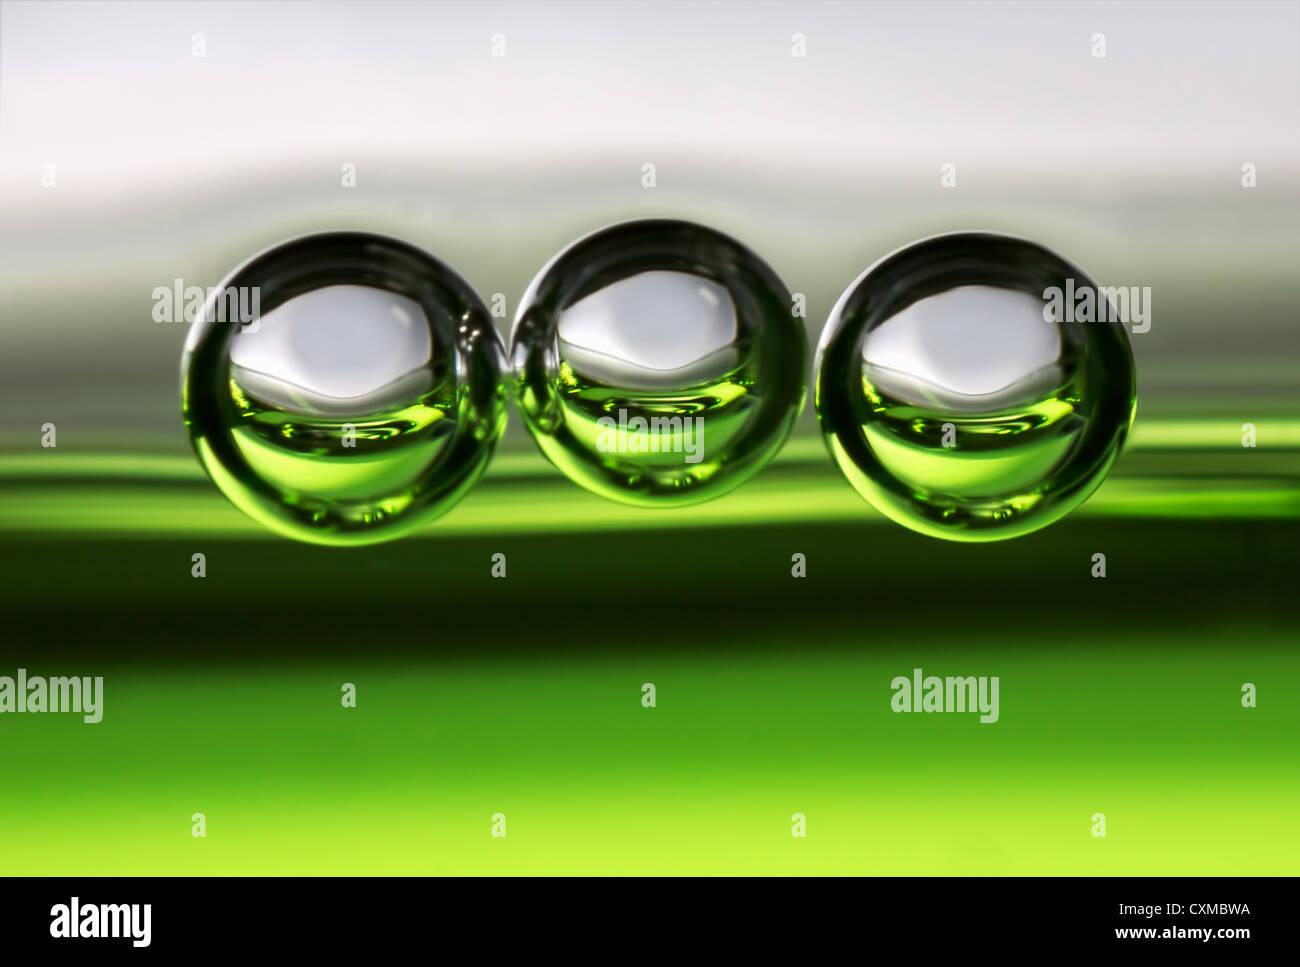 drei Luftblasen in einem Getränk Stockbild